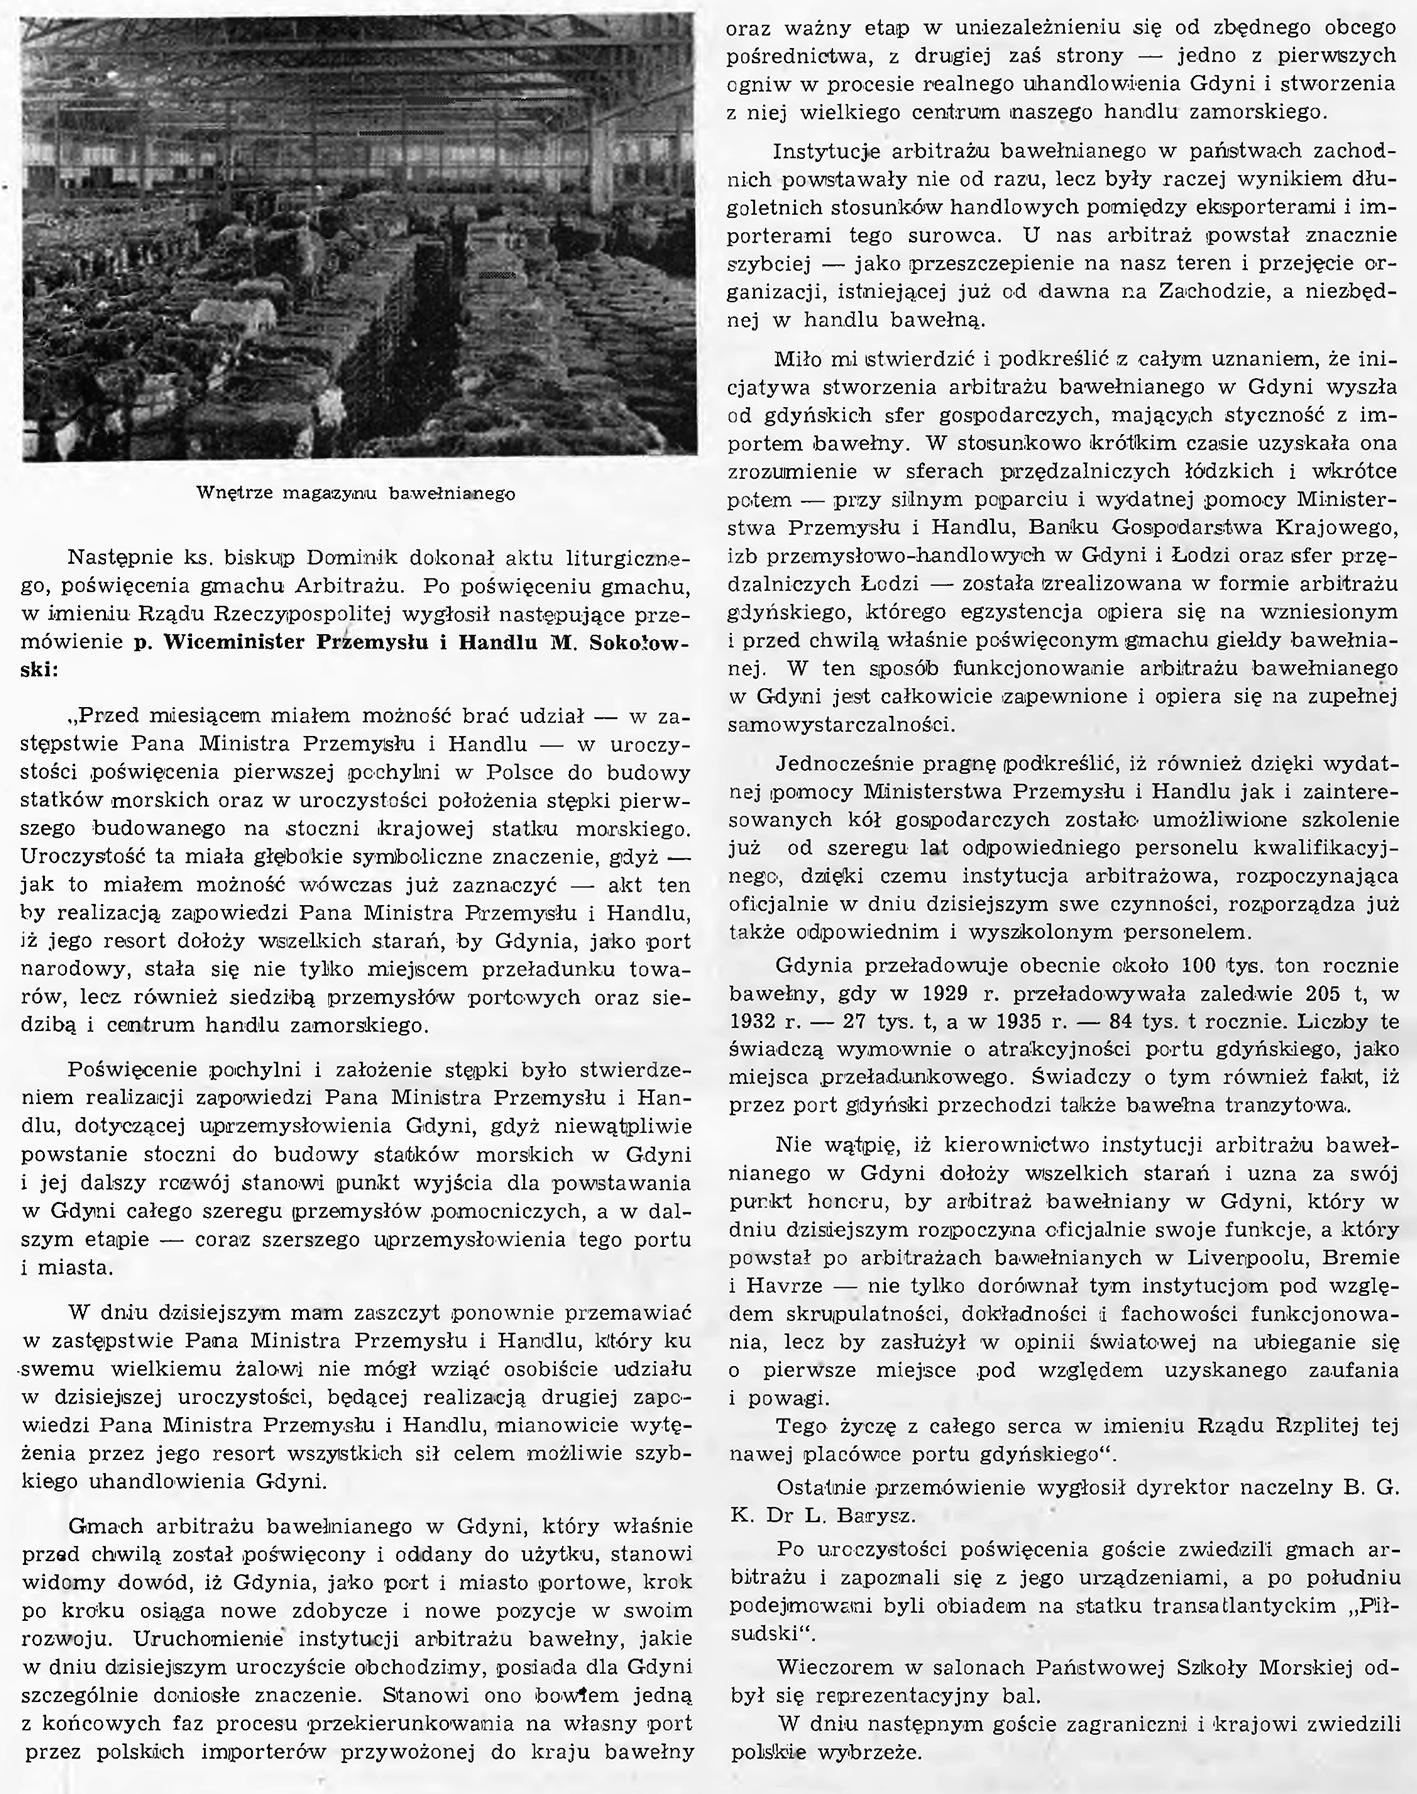 Otwarcie Arbitrażu Bawełnianego w Gdyni // Morze. - 1938, nr 10, s. 4. - Il.